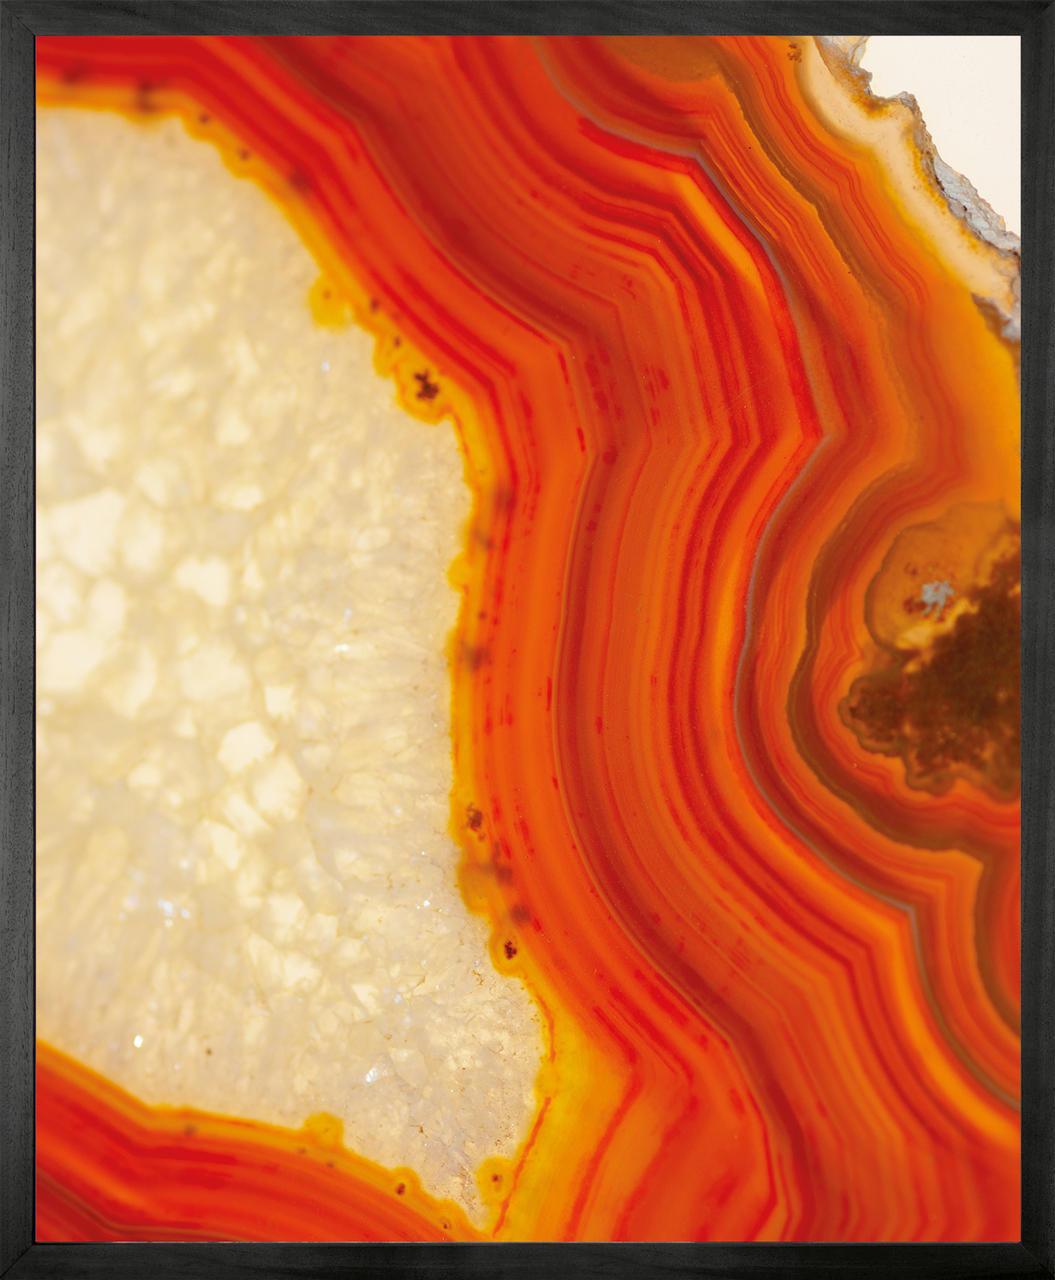 Geode 4 Framed Printed canvas